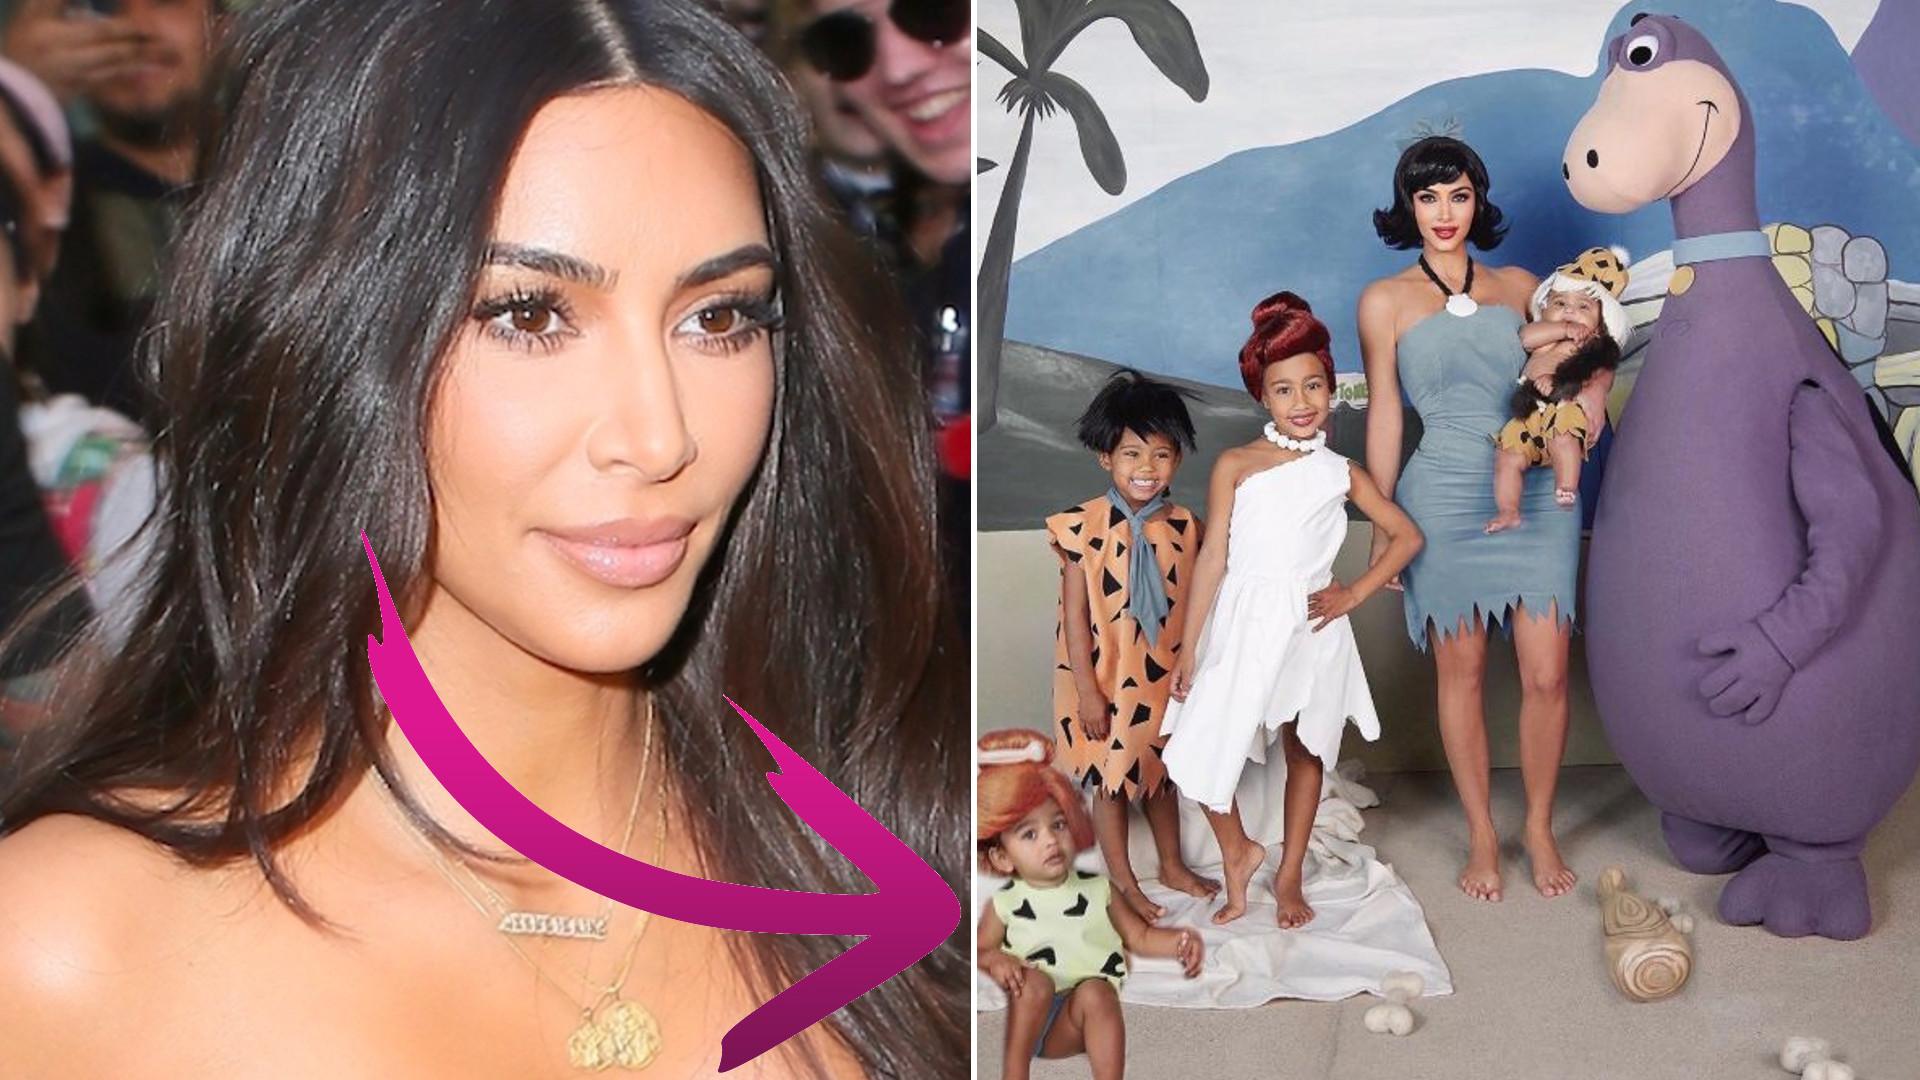 Kim Kardashian musiała wkleić Photoshopem córeczkę do halloweenowego zdjęcia